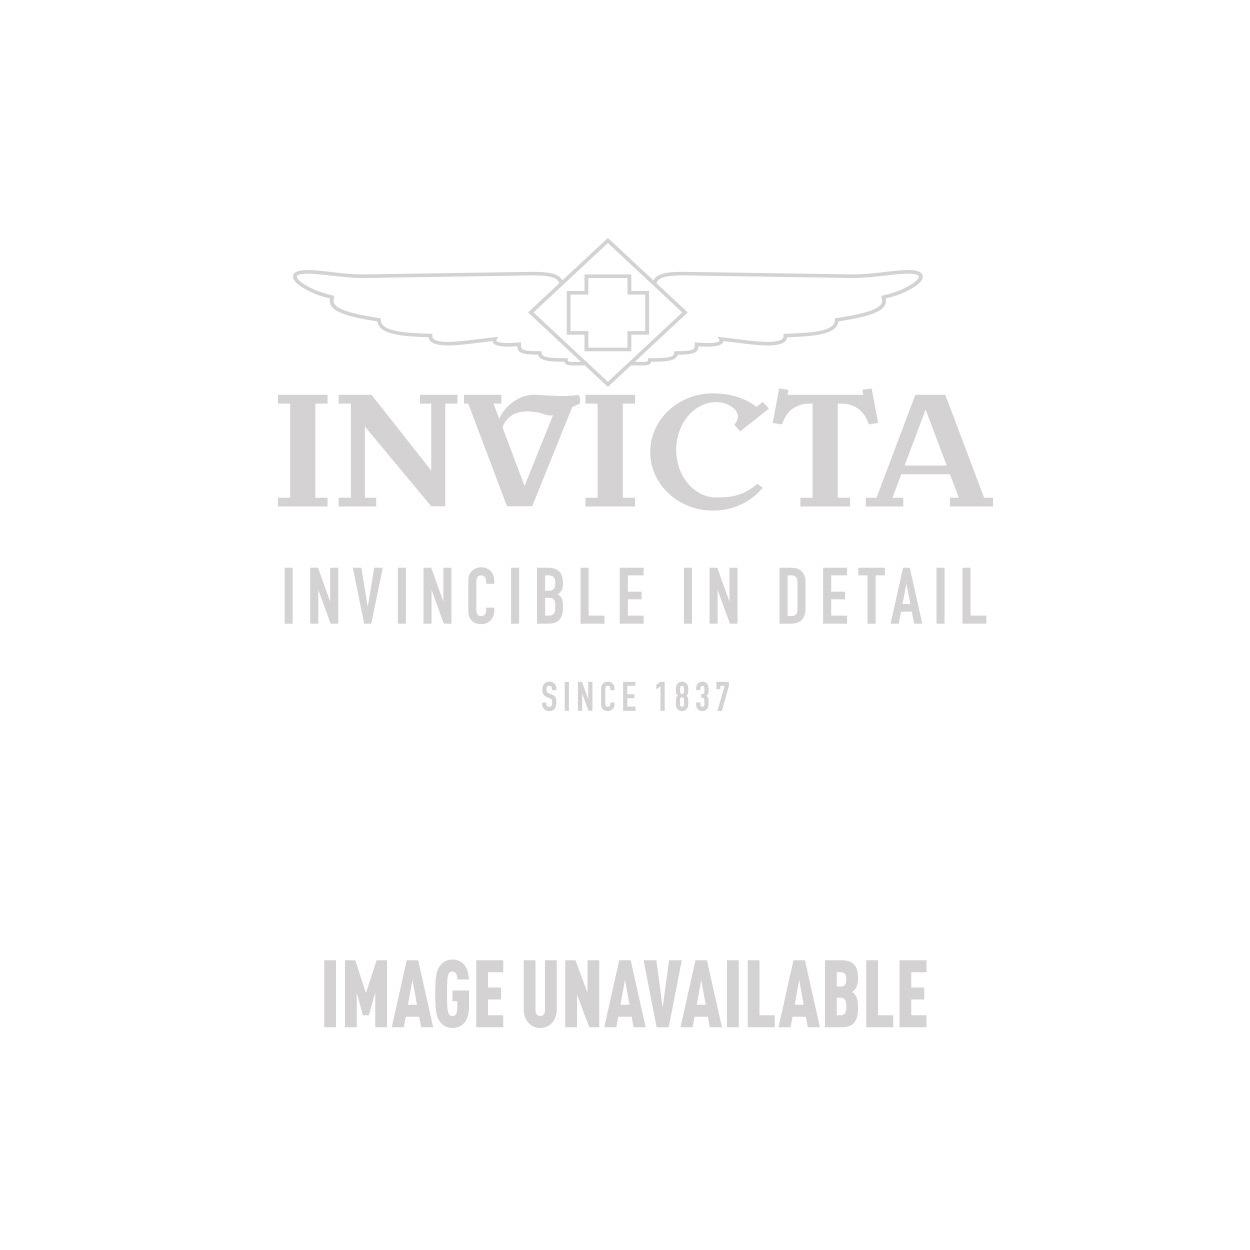 Invicta Model  25851